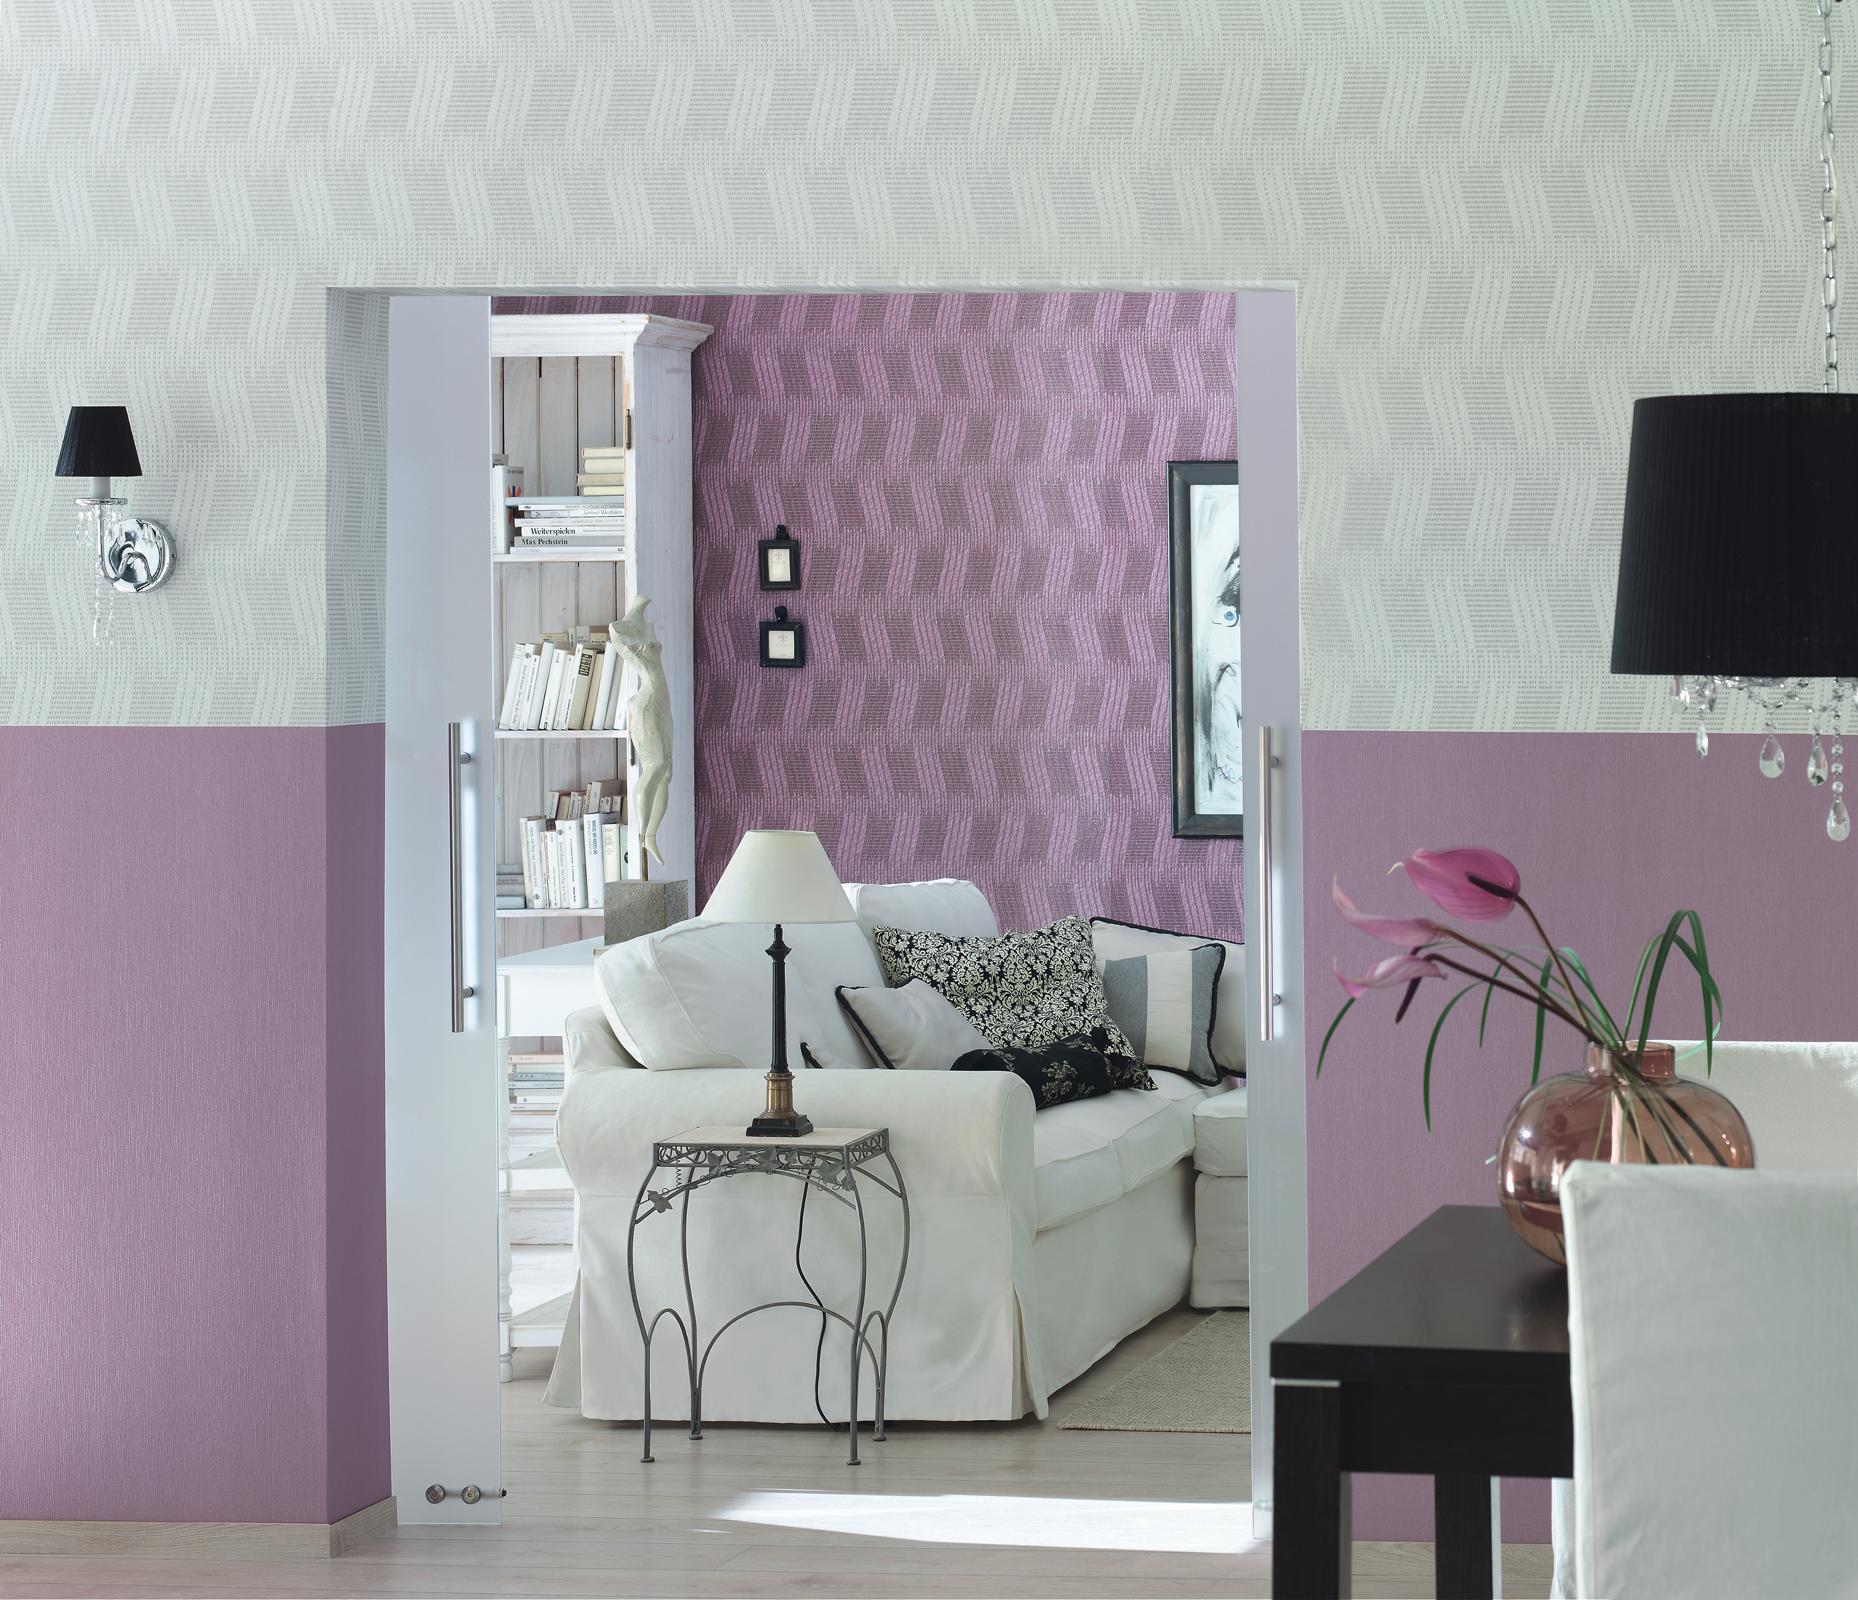 Wohnzimmer Wandgestaltung • Bilder & Ideen • Couchstyle